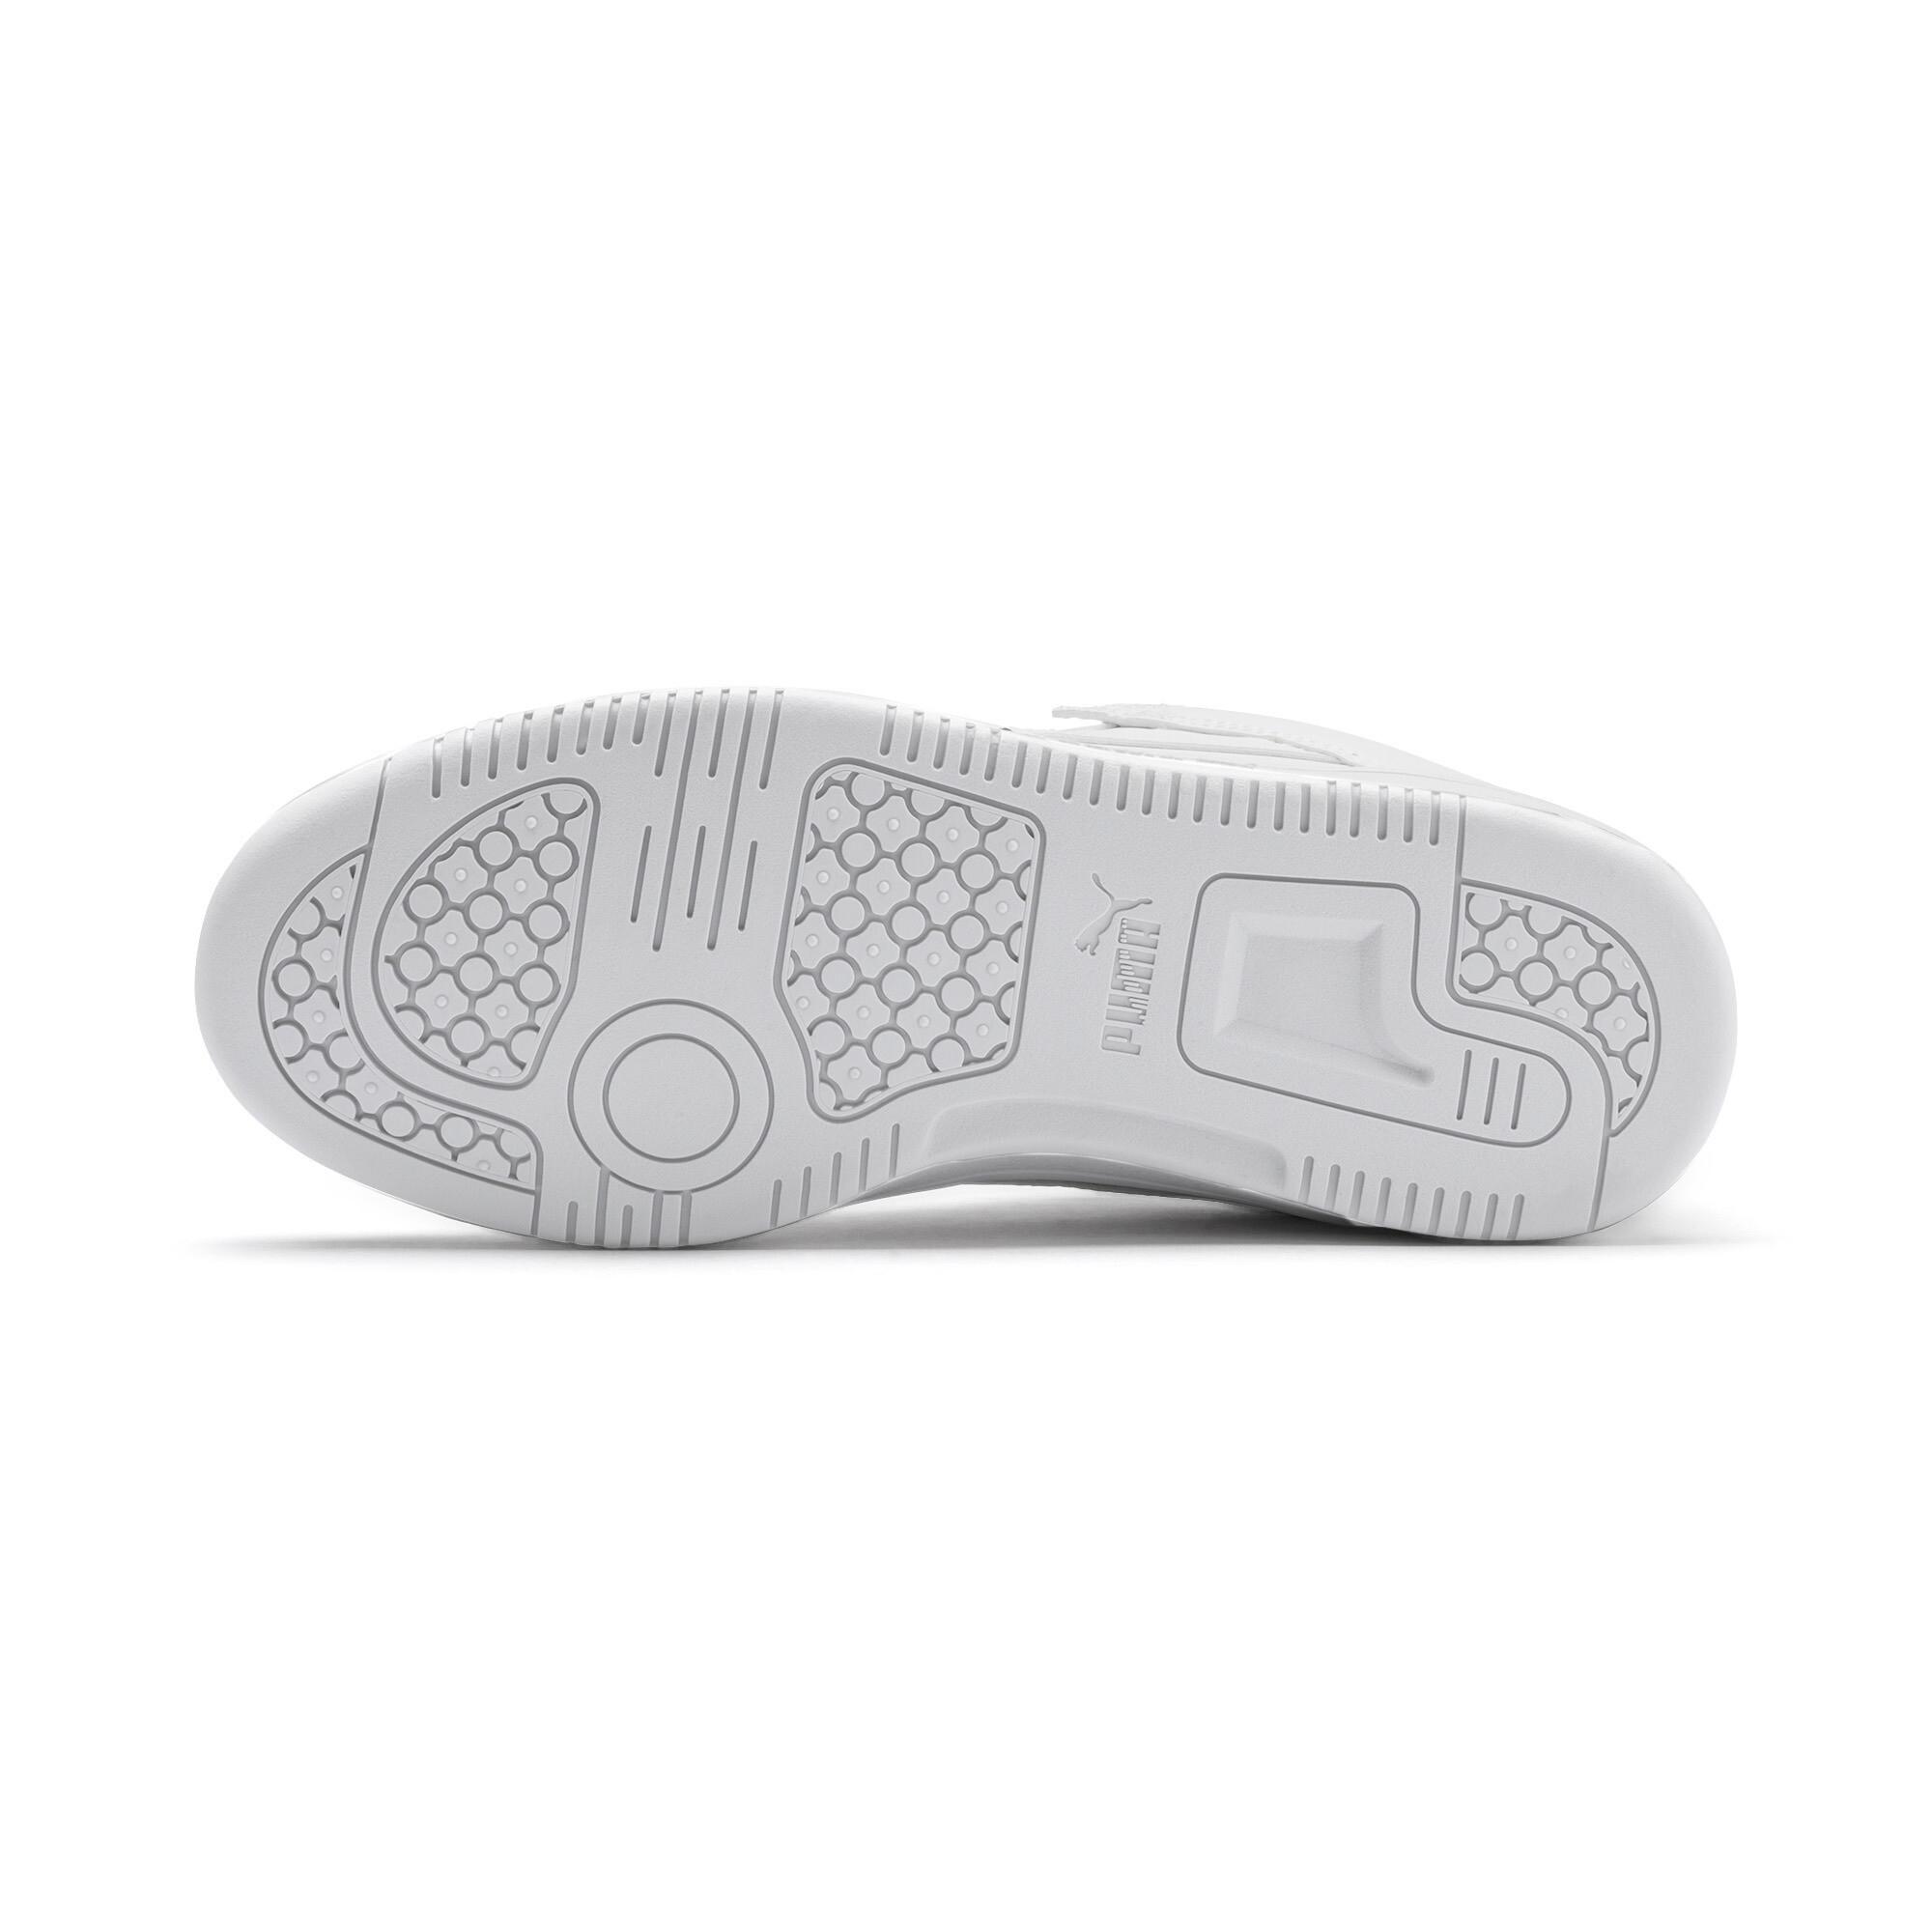 PUMA-PUMA-Rebound-LayUp-Lo-Sneakers-JR-Boys-Shoe-Kids thumbnail 5